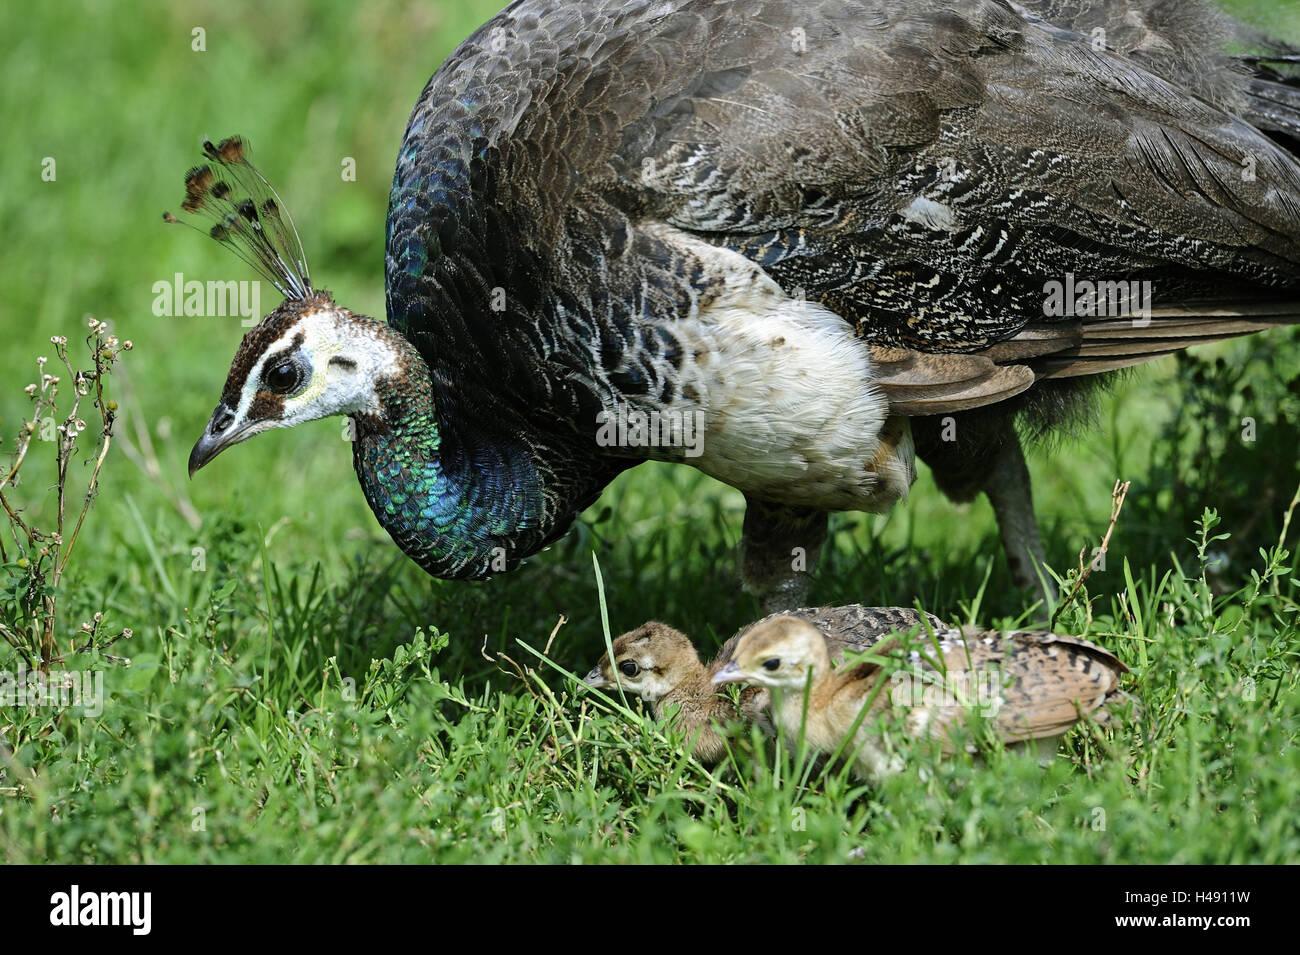 Pavo cristatus paon, animal, mère, Poussin, manger, vue de côté, un pré, l'Allemagne, l'habitat, Photo Stock